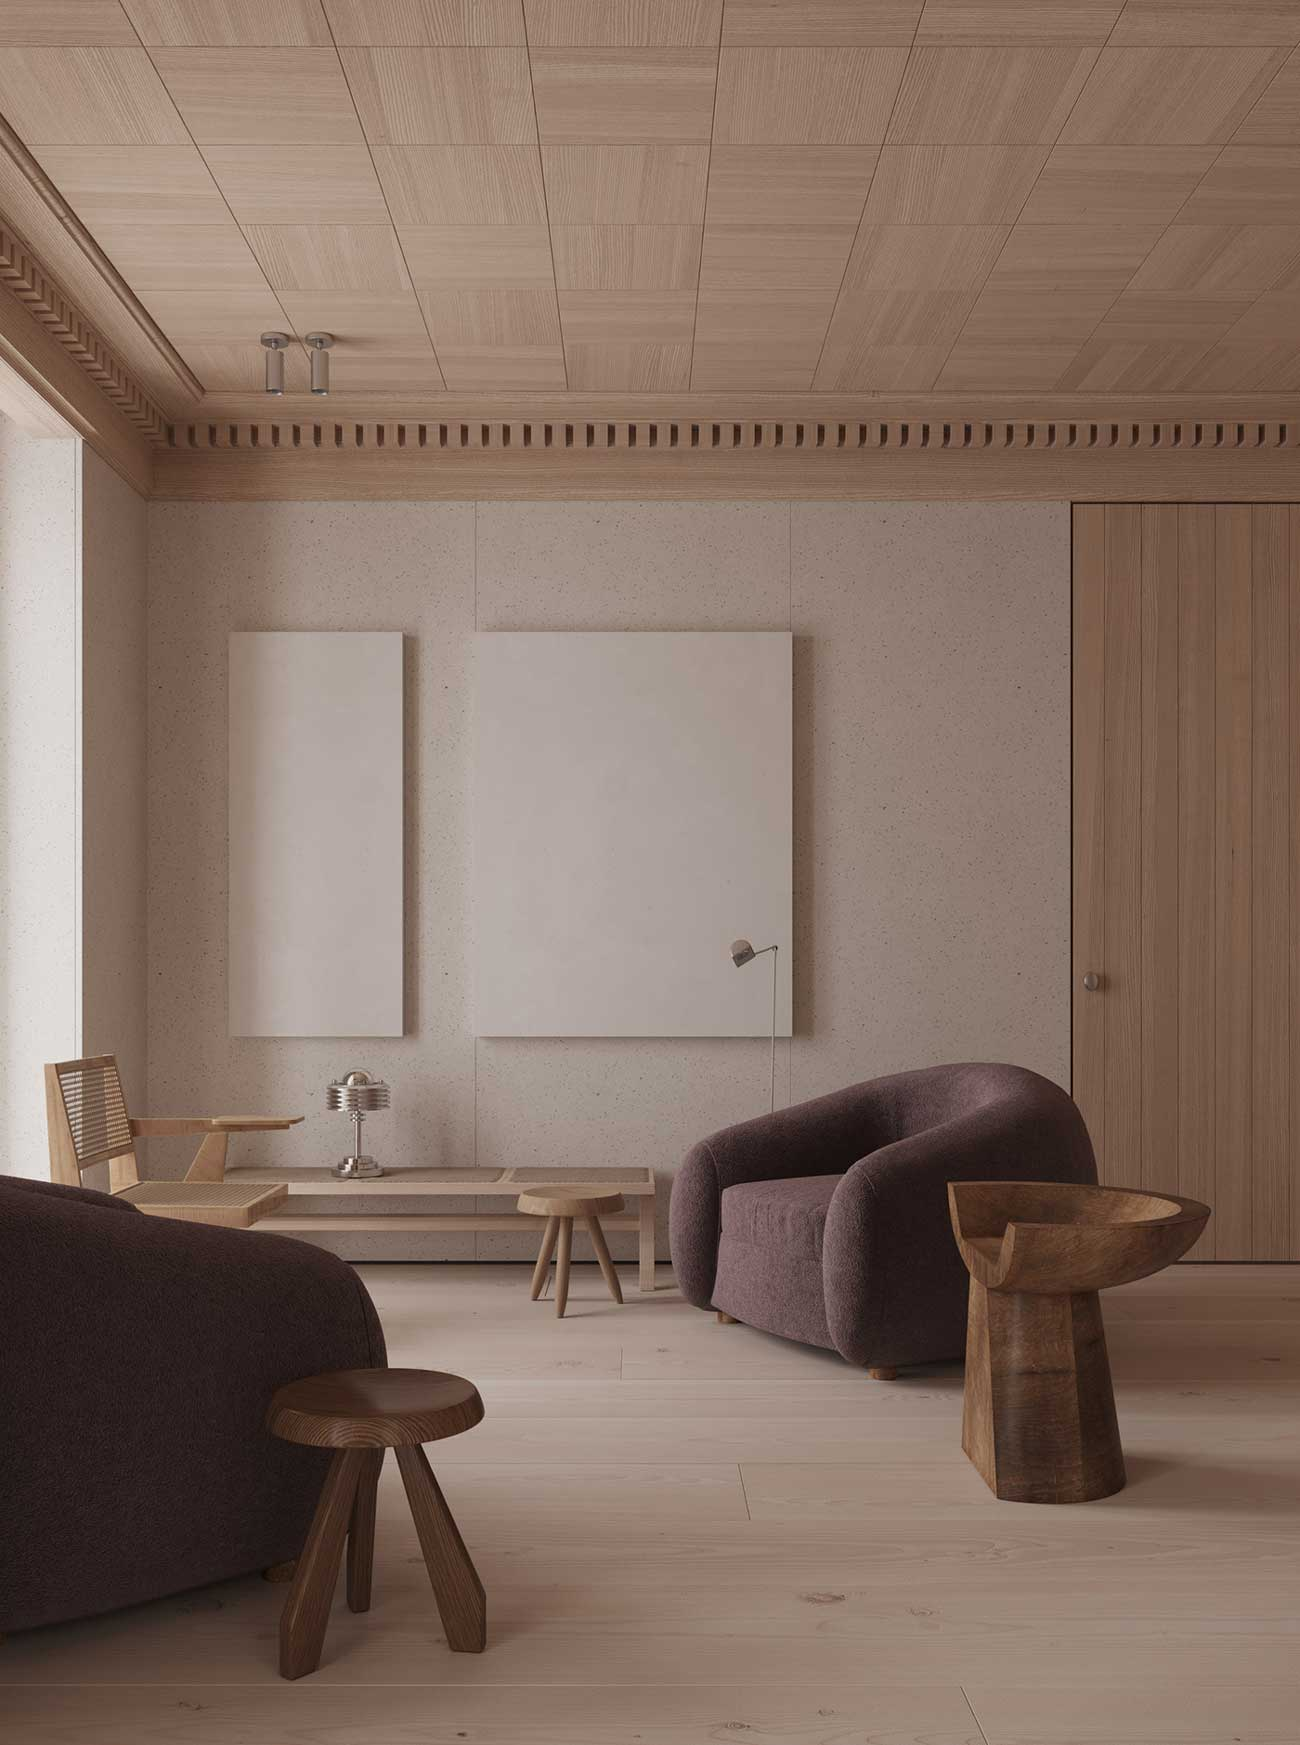 Des fauteuils en velours dans un salon chic avec du bois blond au plafond